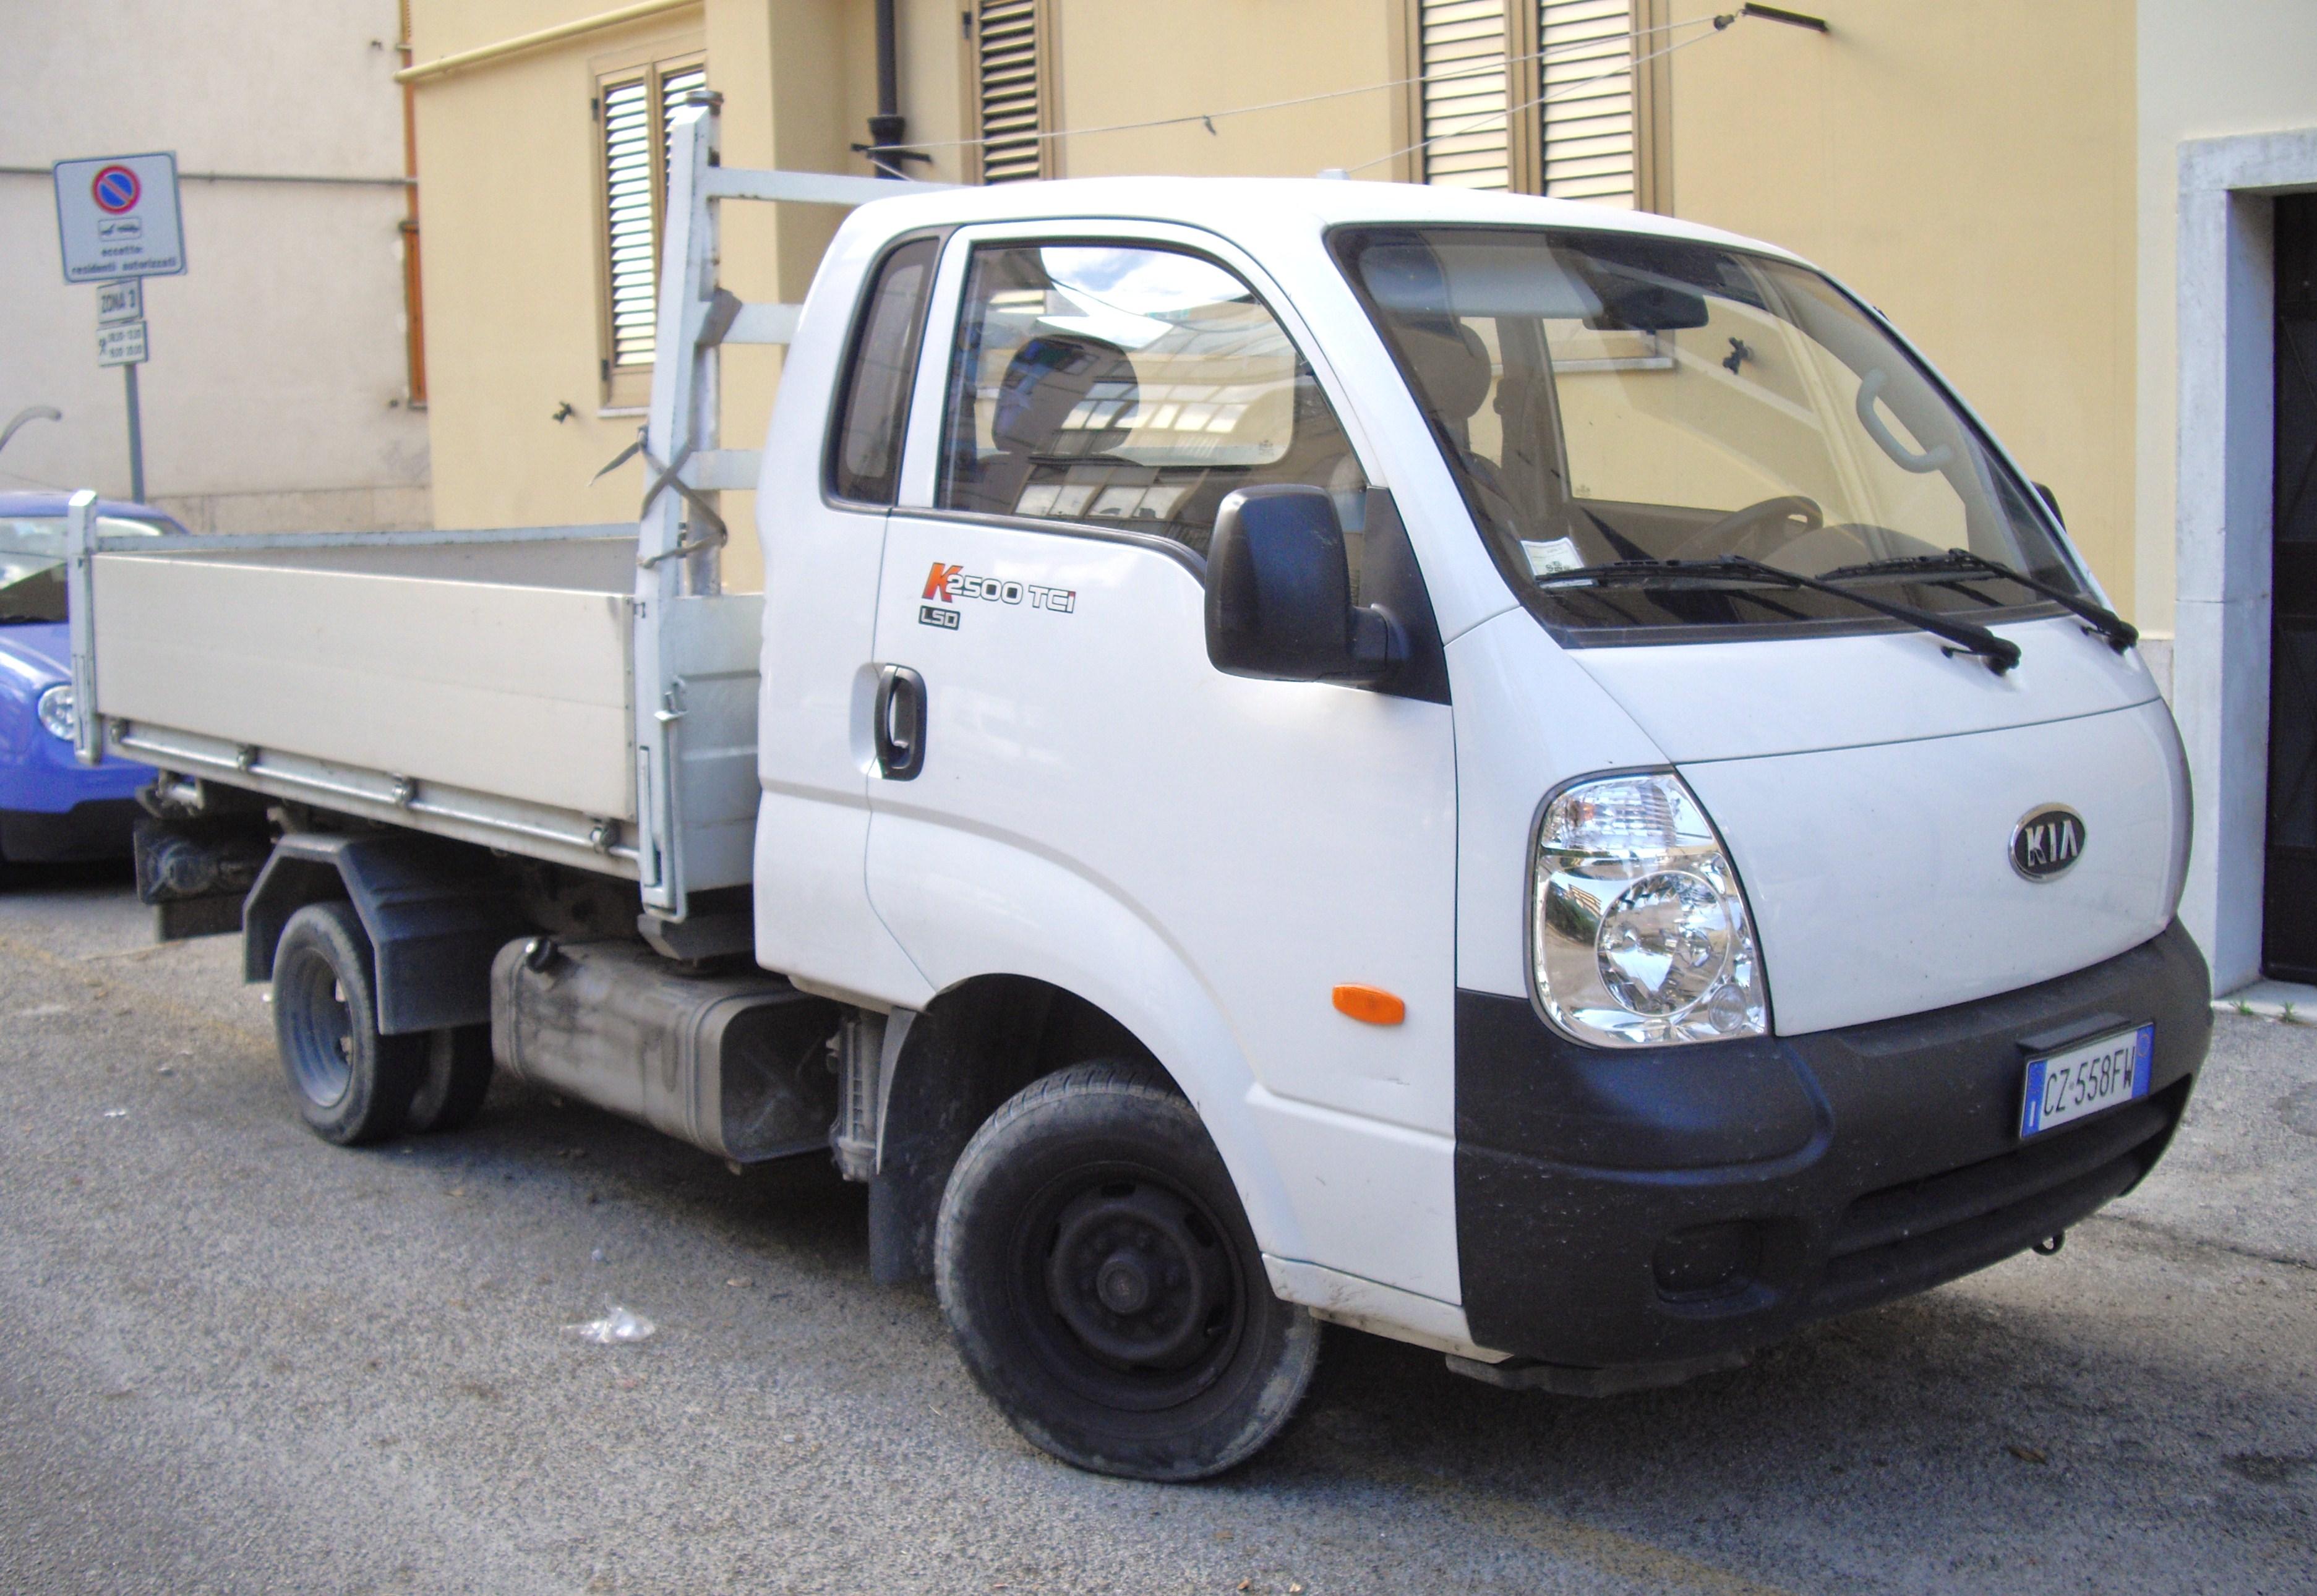 file kia k2500 l50 tci jpg wikimedia commons rh commons wikimedia org Kia Truck Kia K2500 4x4